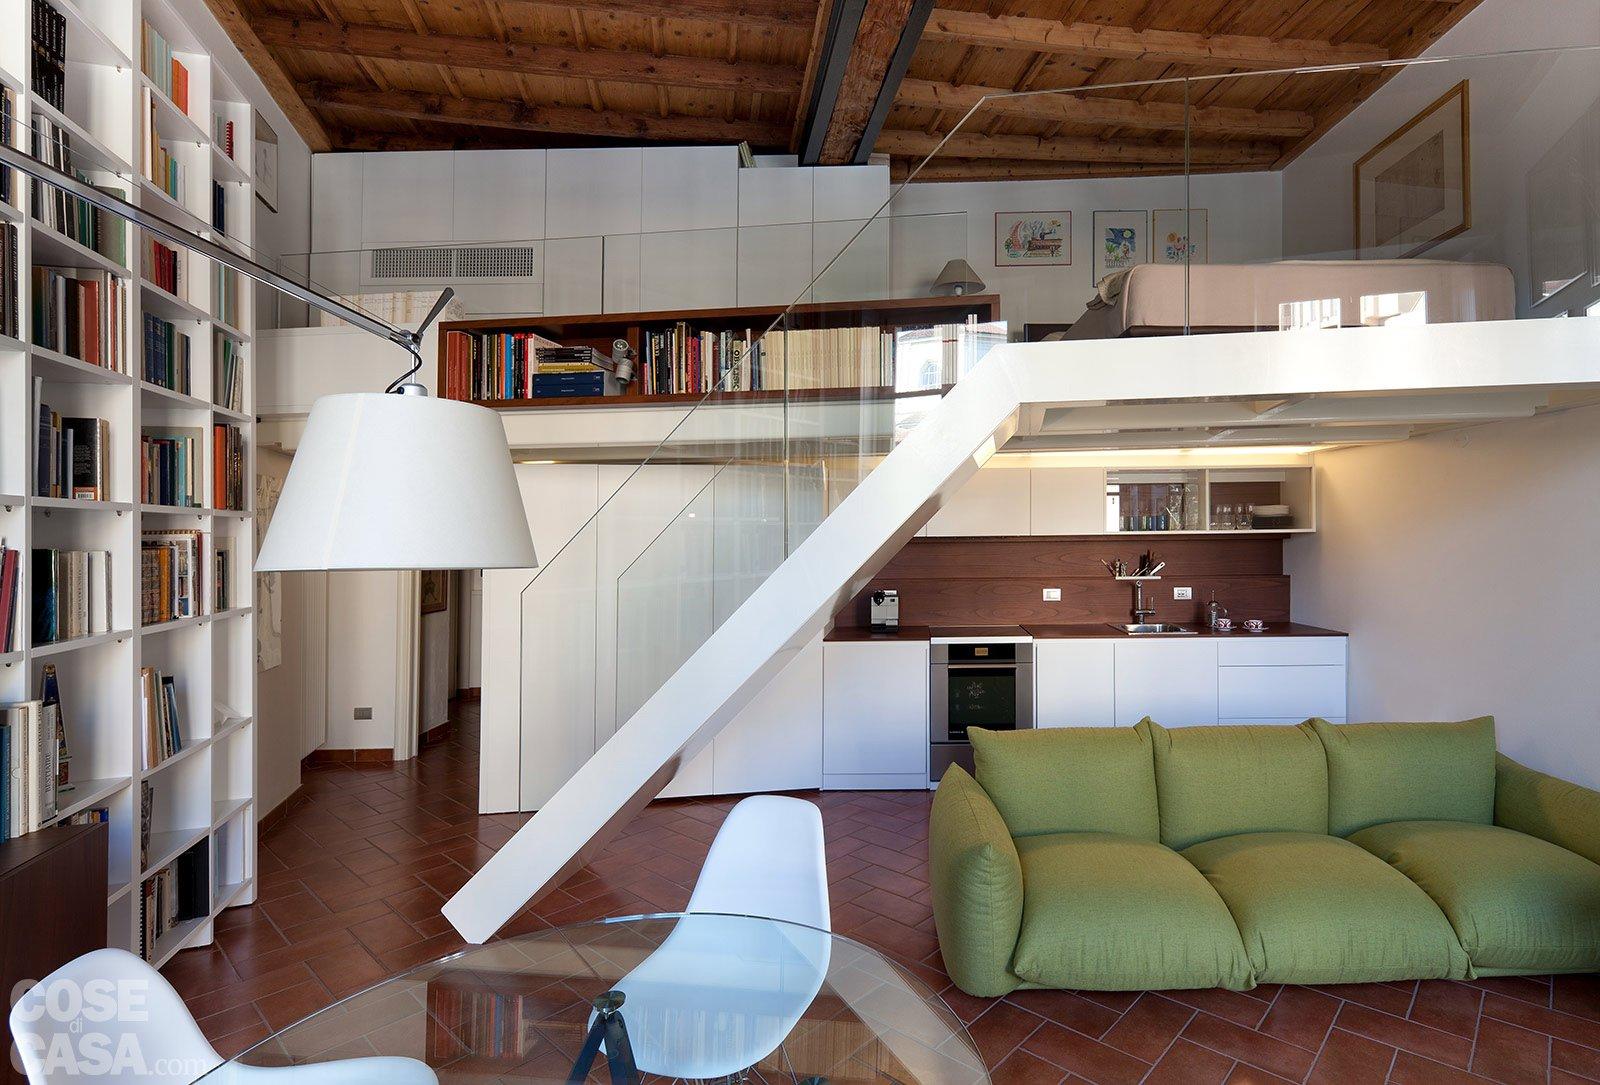 Un monolocale ampliato in altezza cose di casa - Levigare il parquet senza togliere i mobili ...